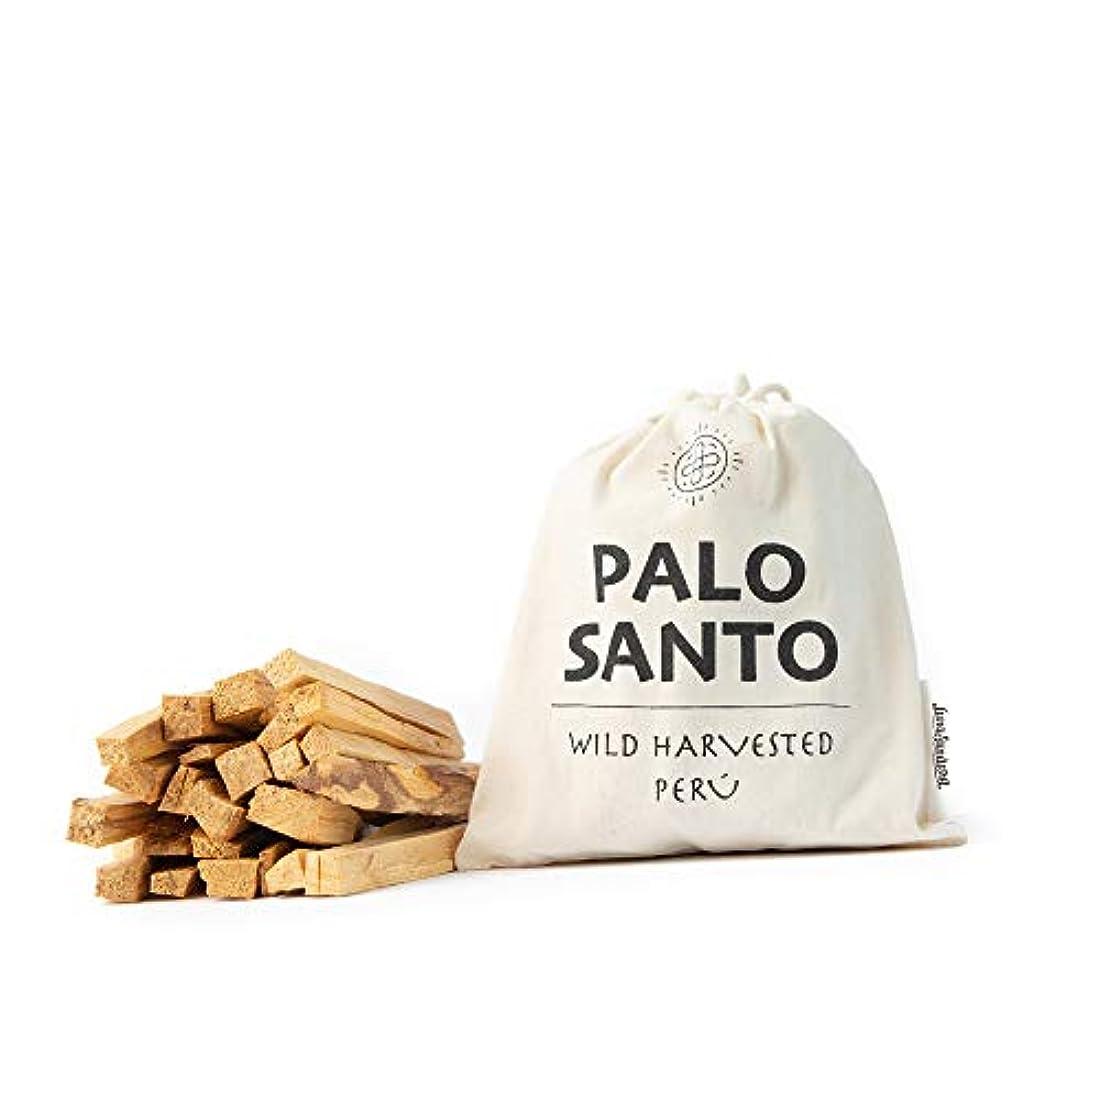 ジョリーしがみつくエクステントLuna Sundara Palo Santo Smudging Sticks Peru Sustainably Harvested Quality Hand Picked - 100グラム(約18-25スティック)